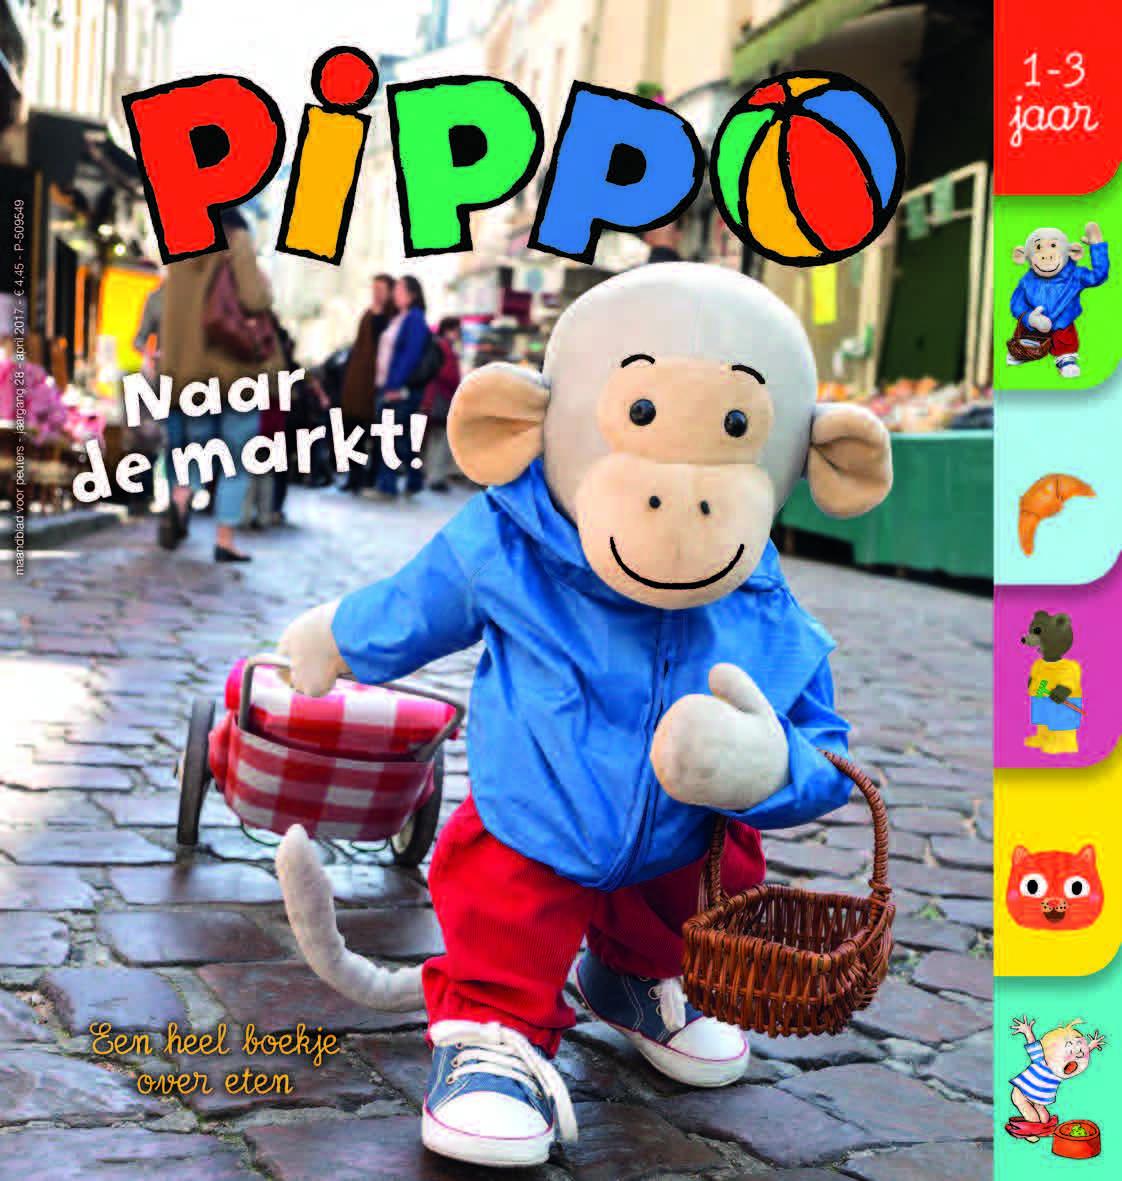 Pippo - Jaarabonnement via domiciliëring + geschenk